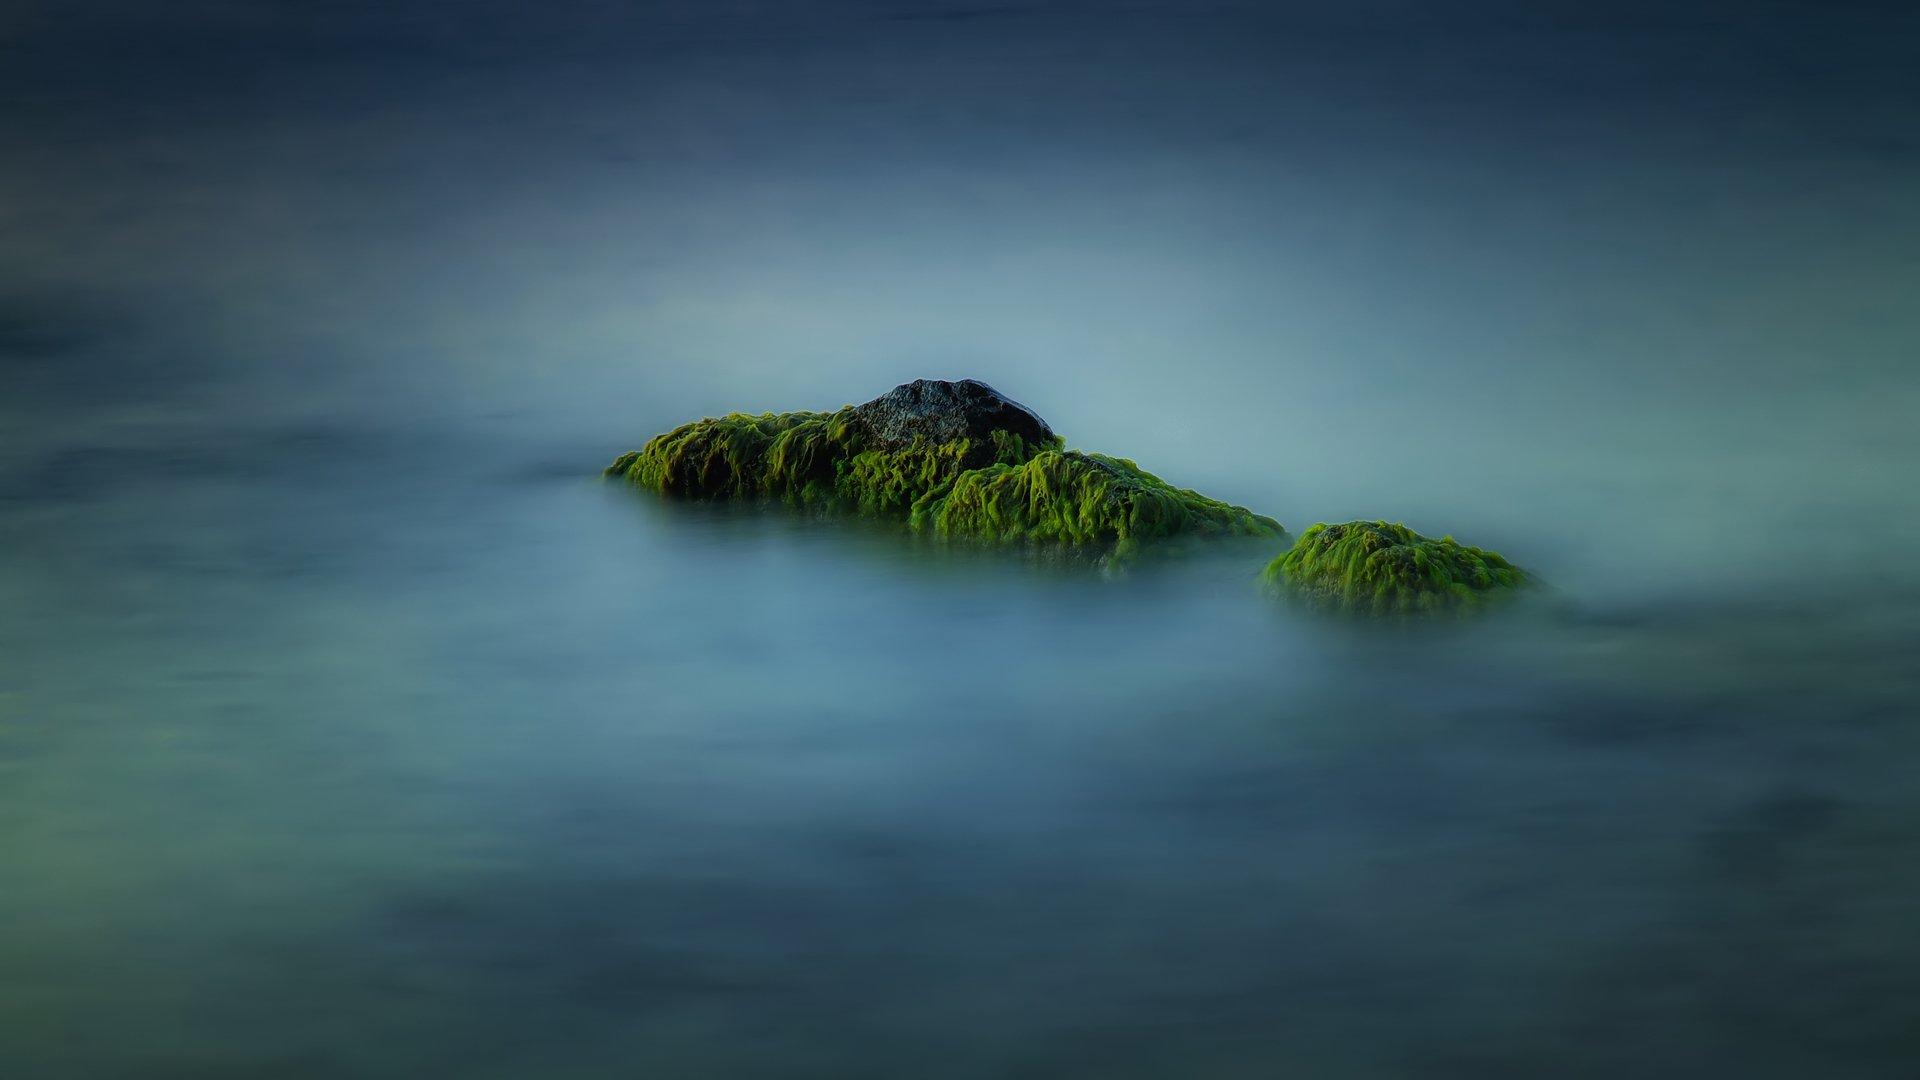 вода камни водоросли природа море лето, Serj Master